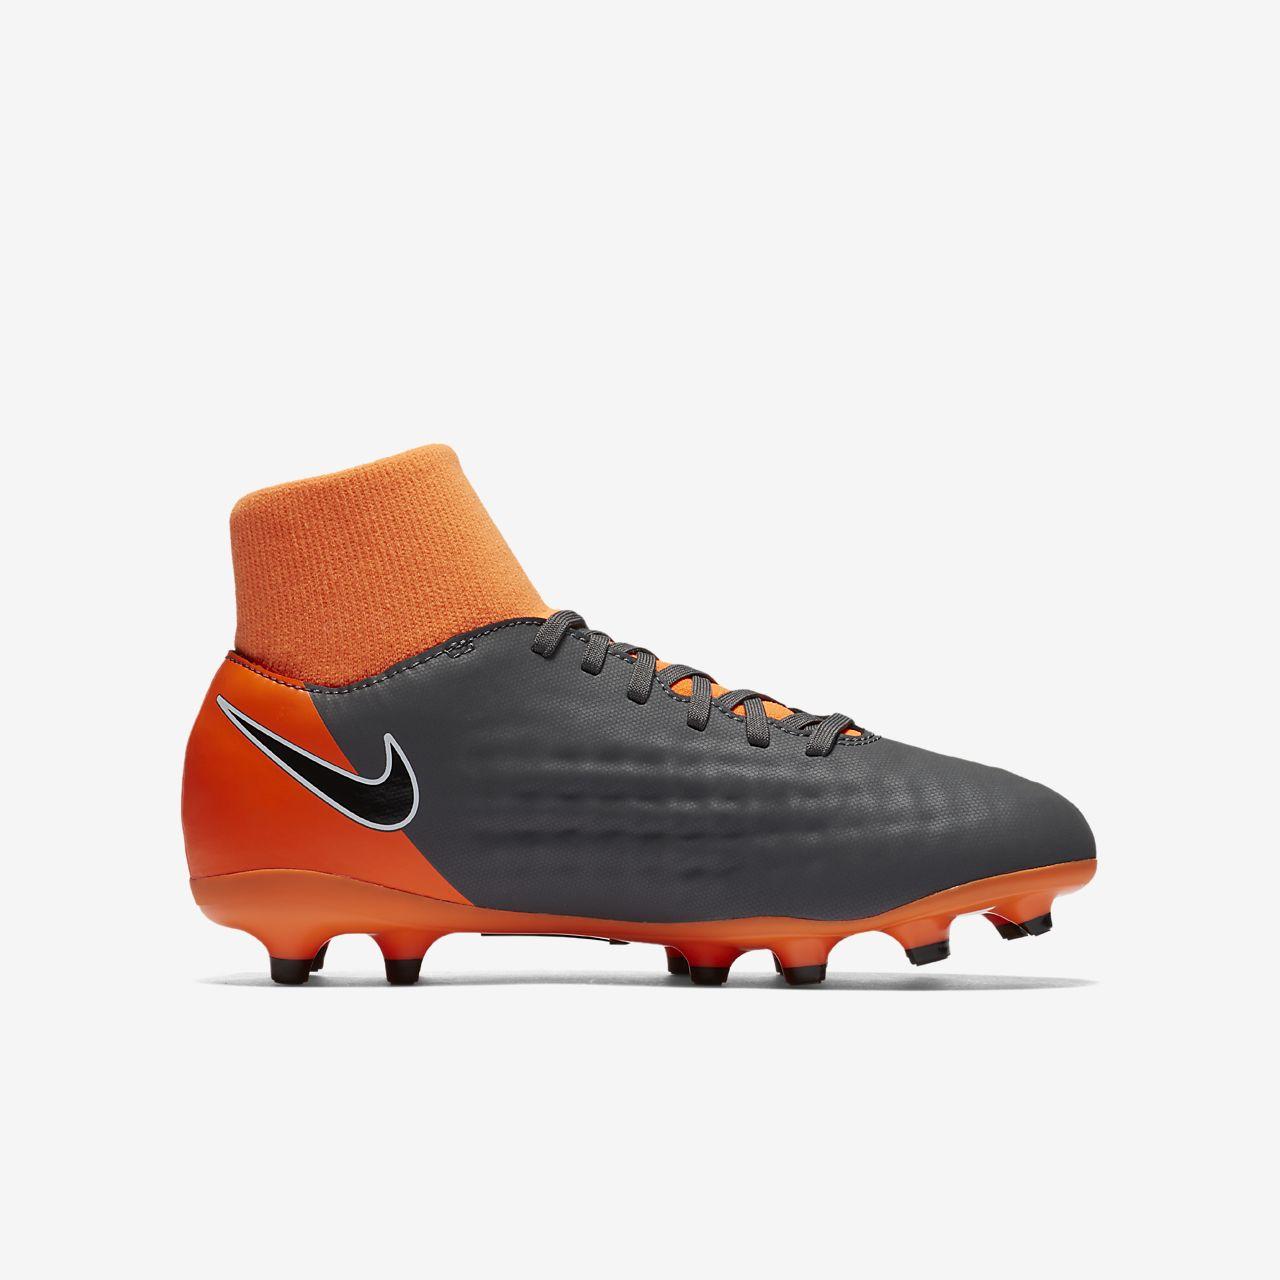 Acquista scarpe nike da calcio per bambini - OFF43% sconti d61f88b8a9e